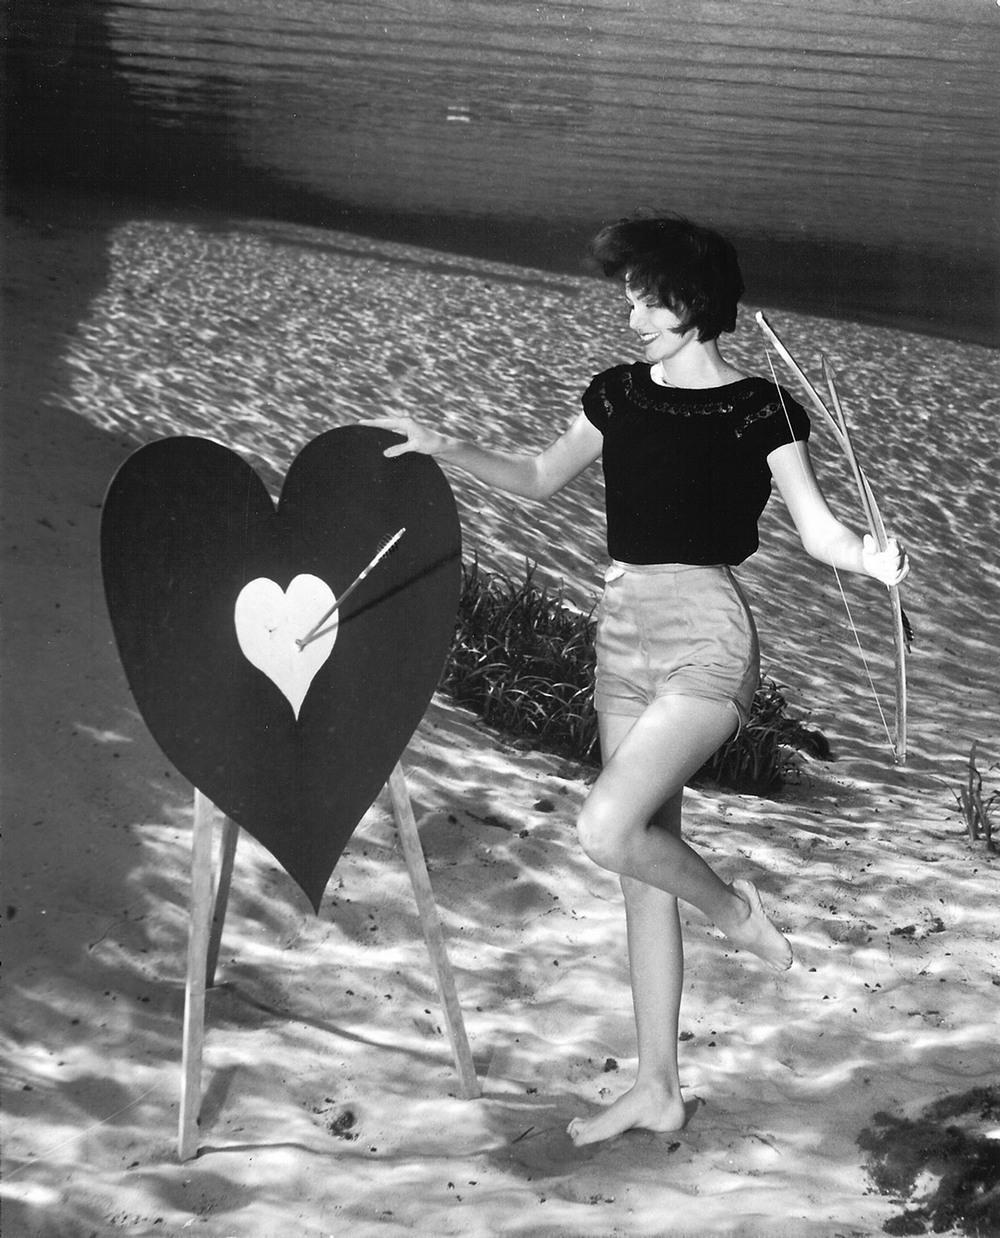 Пин-ап фотосессия 1938 года от пионера подводной фотографии Брюса Мозерта 11